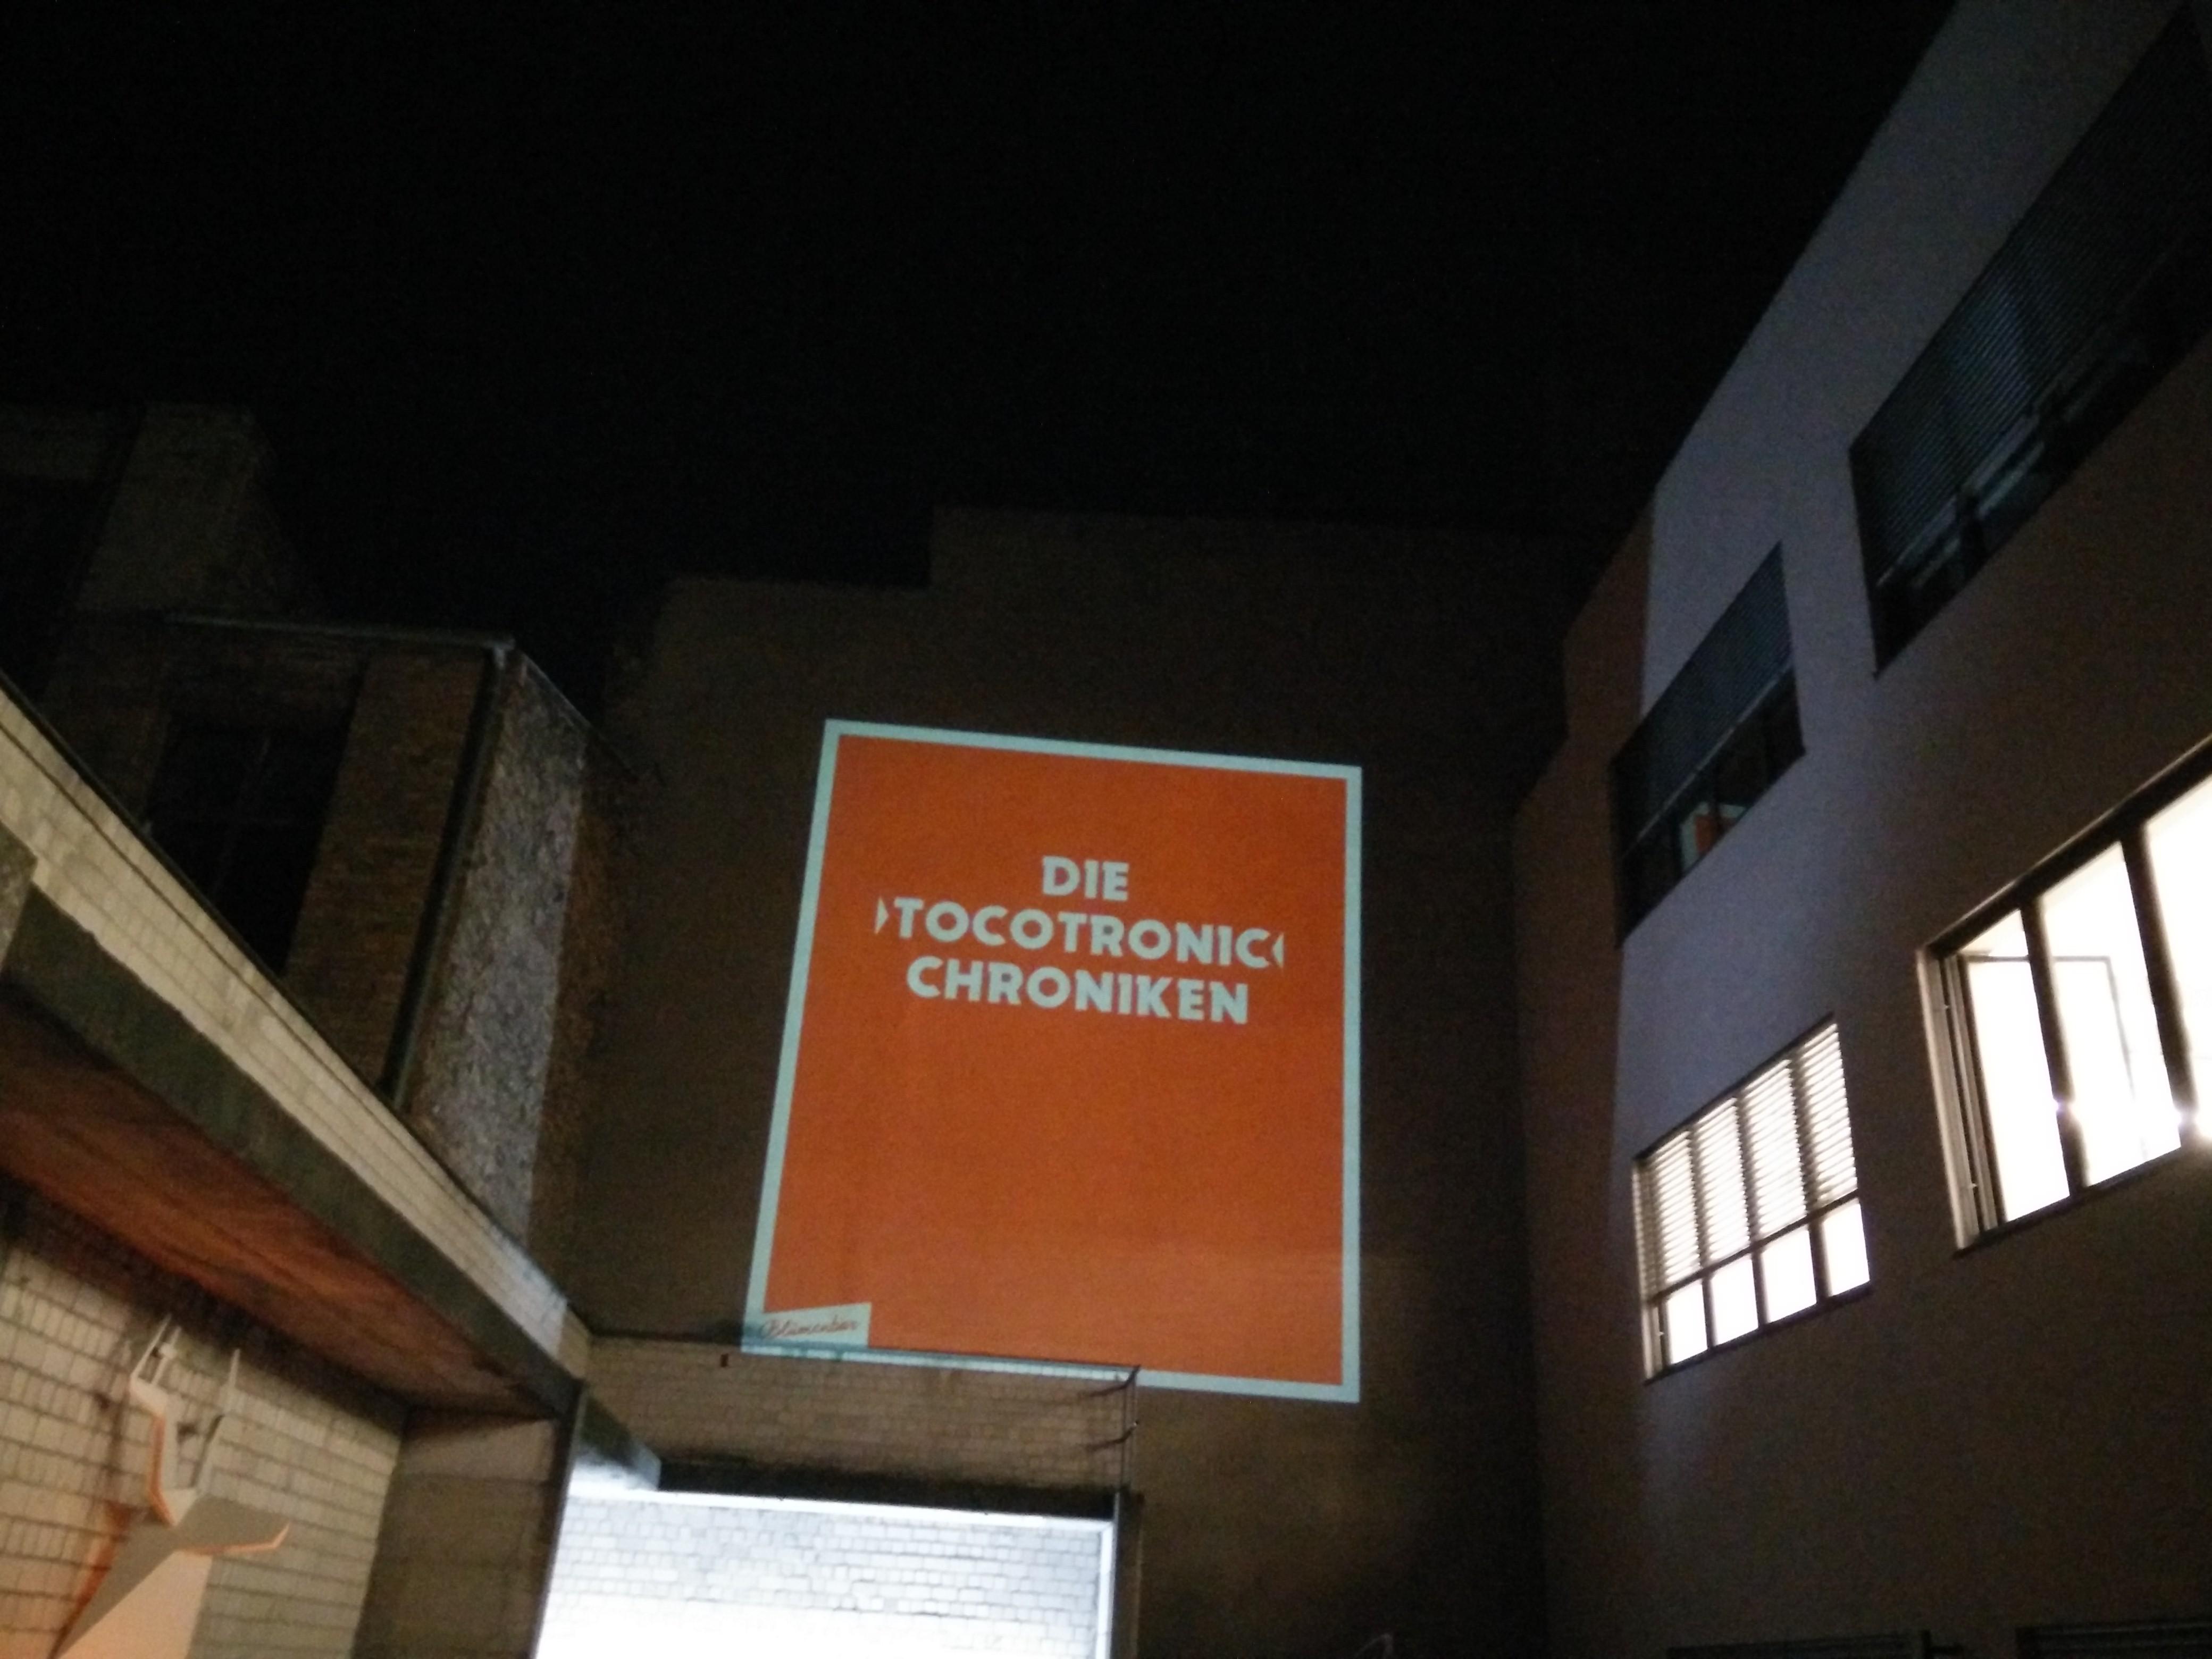 Tocotronic Chroniken nach über 20 Jahren Bandgeschichte. Die Tocotronic Chroniken. Copyright: Susanne Gietl